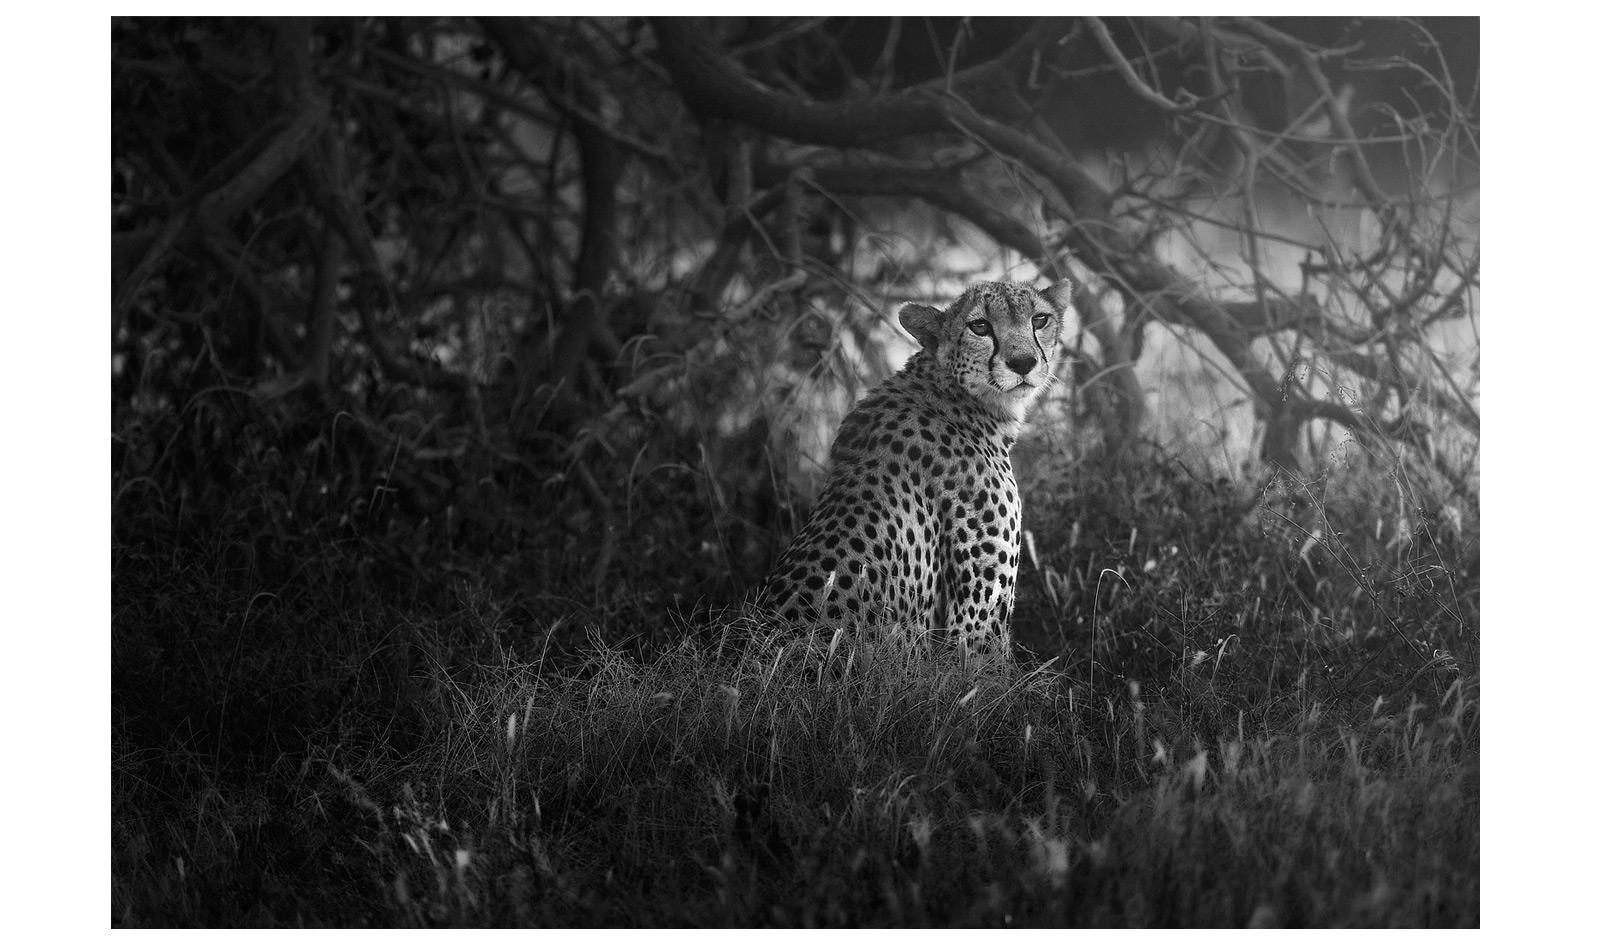 KARIM_SAHAI_cheetah_hiding_under_tree,-Samburu-National-Reserve-Kenya